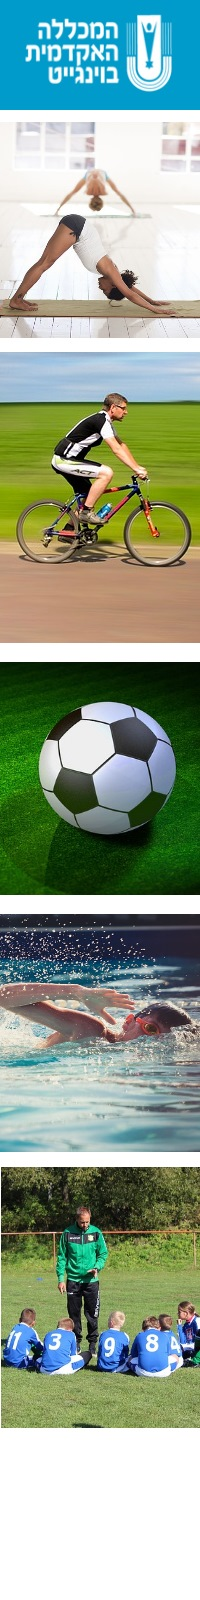 ביה'ס להסמכות בספורט - המכללה האקדמית בוינגייט -  קורסי מדריכי ומאמני ספורט